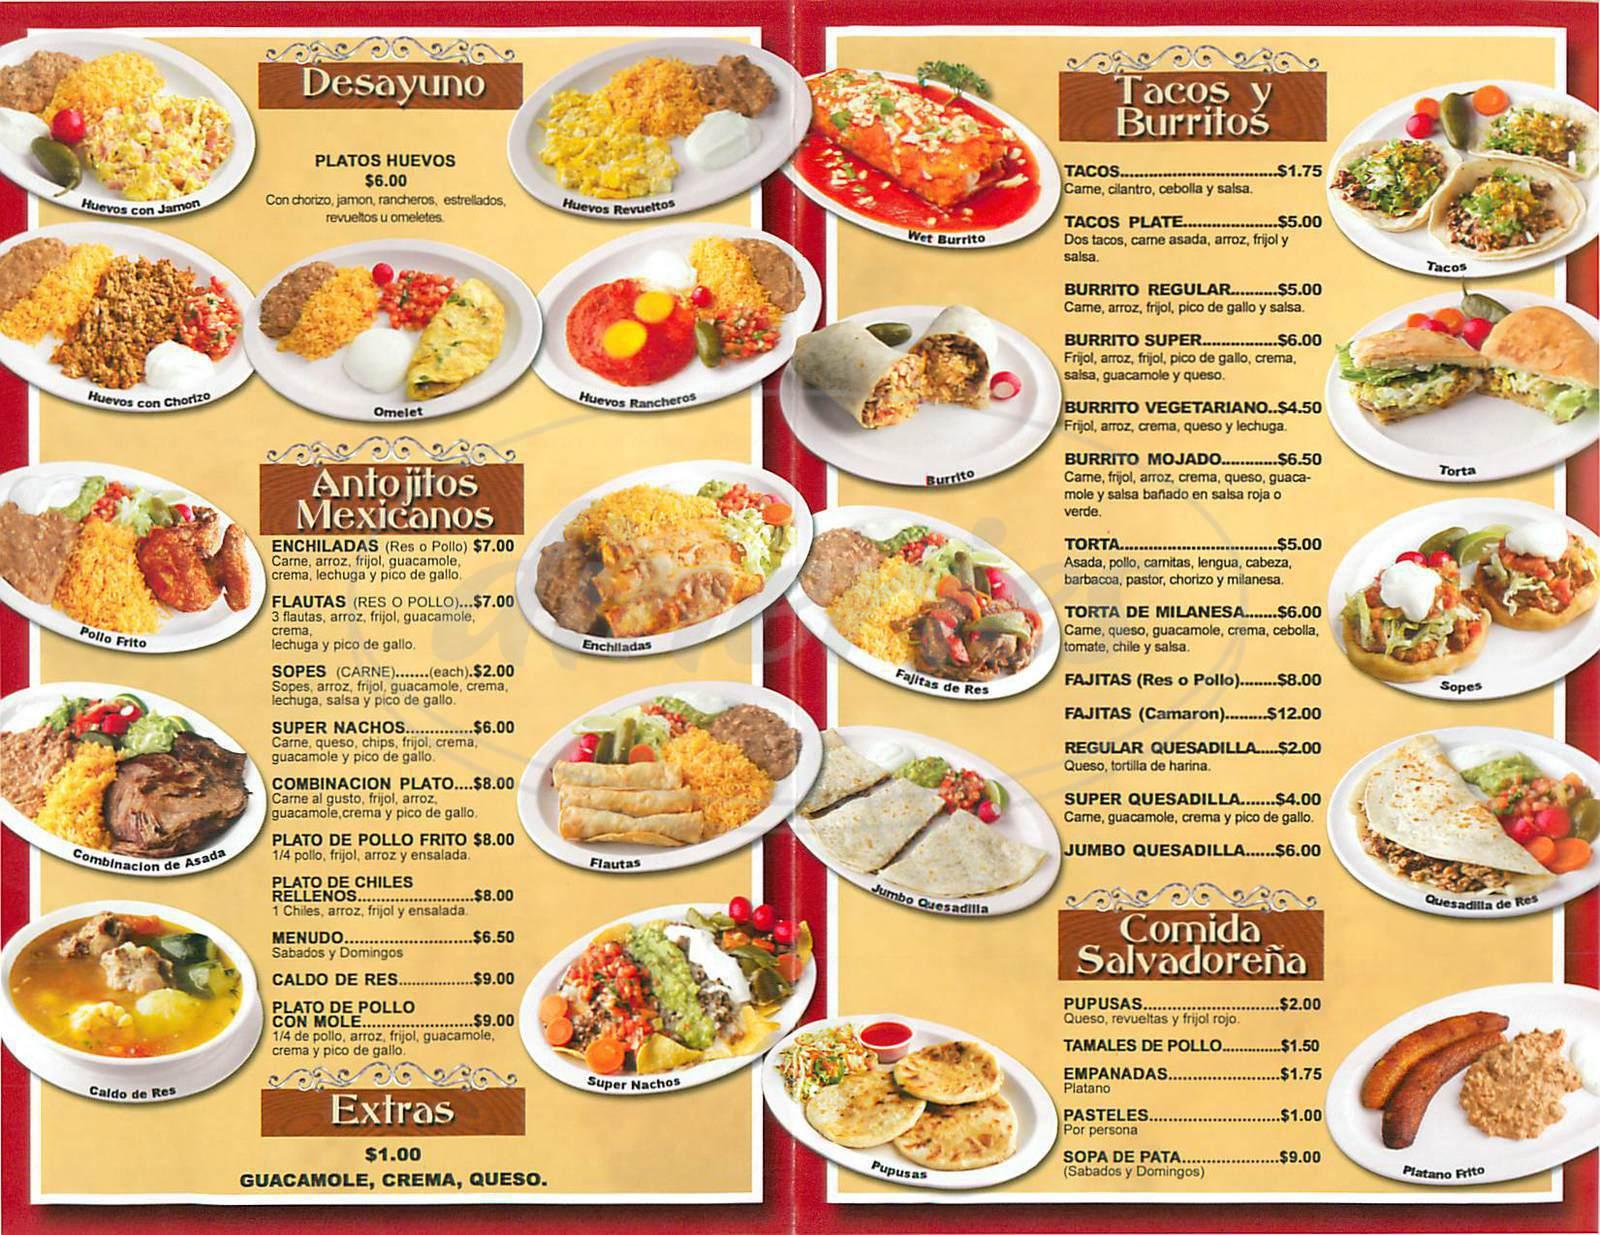 menu for Jennifer Taqueria